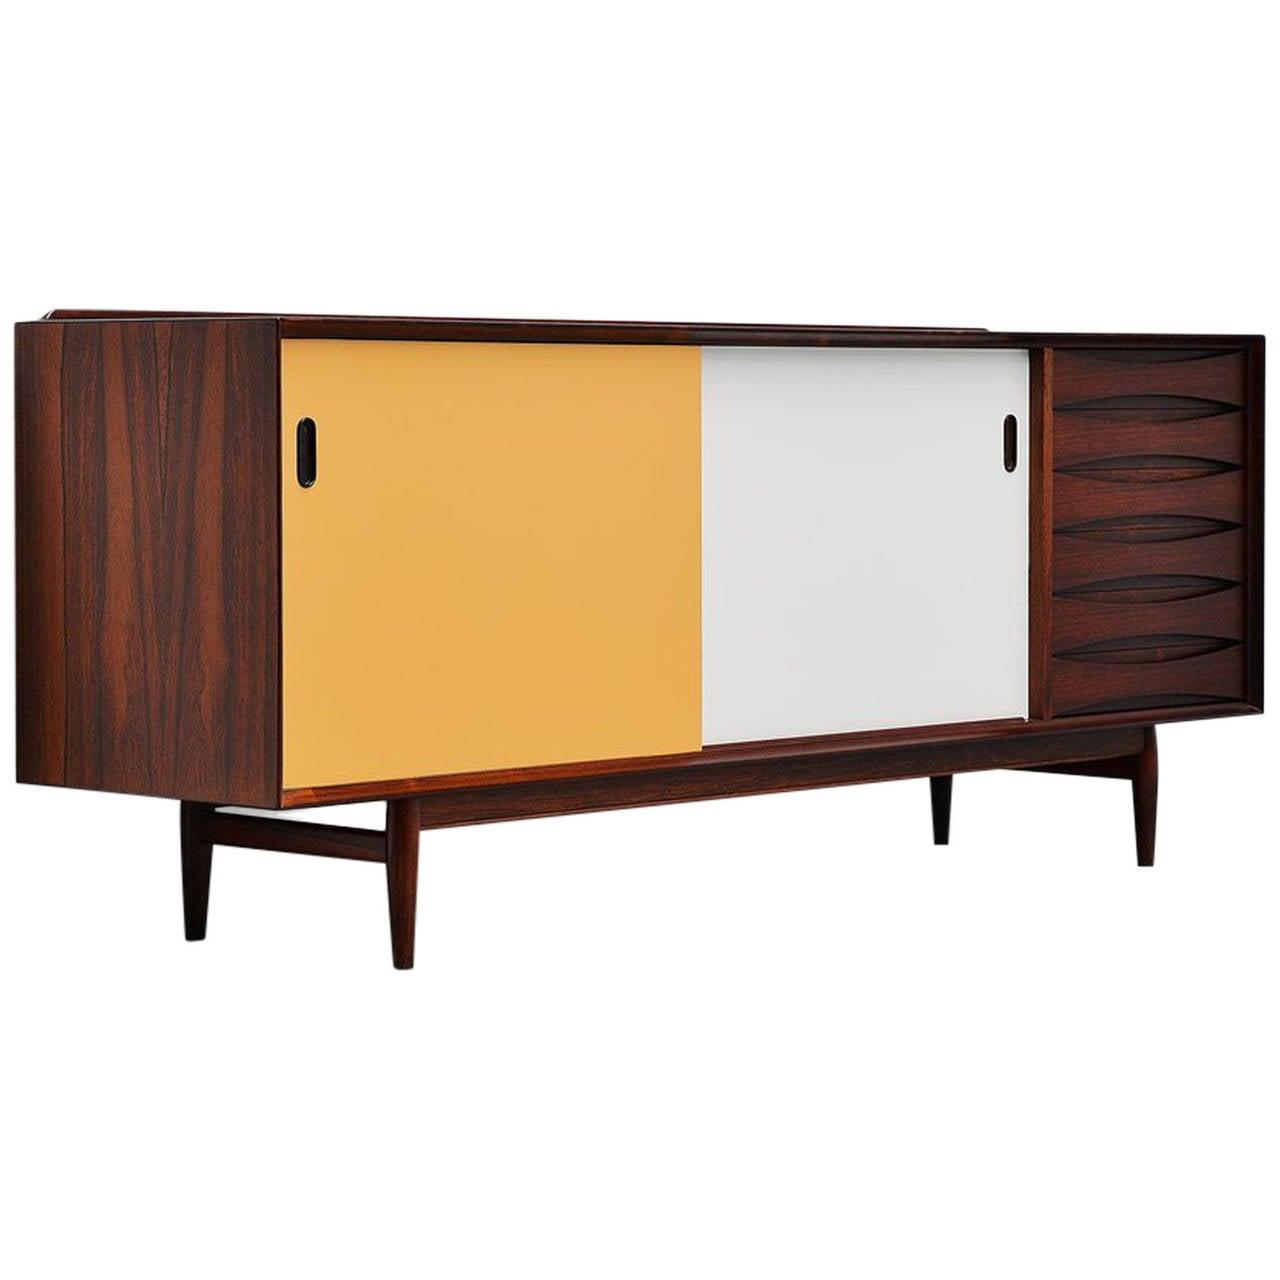 arne vodder rosewood sideboard sibast mobler denmark at 1stdibs. Black Bedroom Furniture Sets. Home Design Ideas